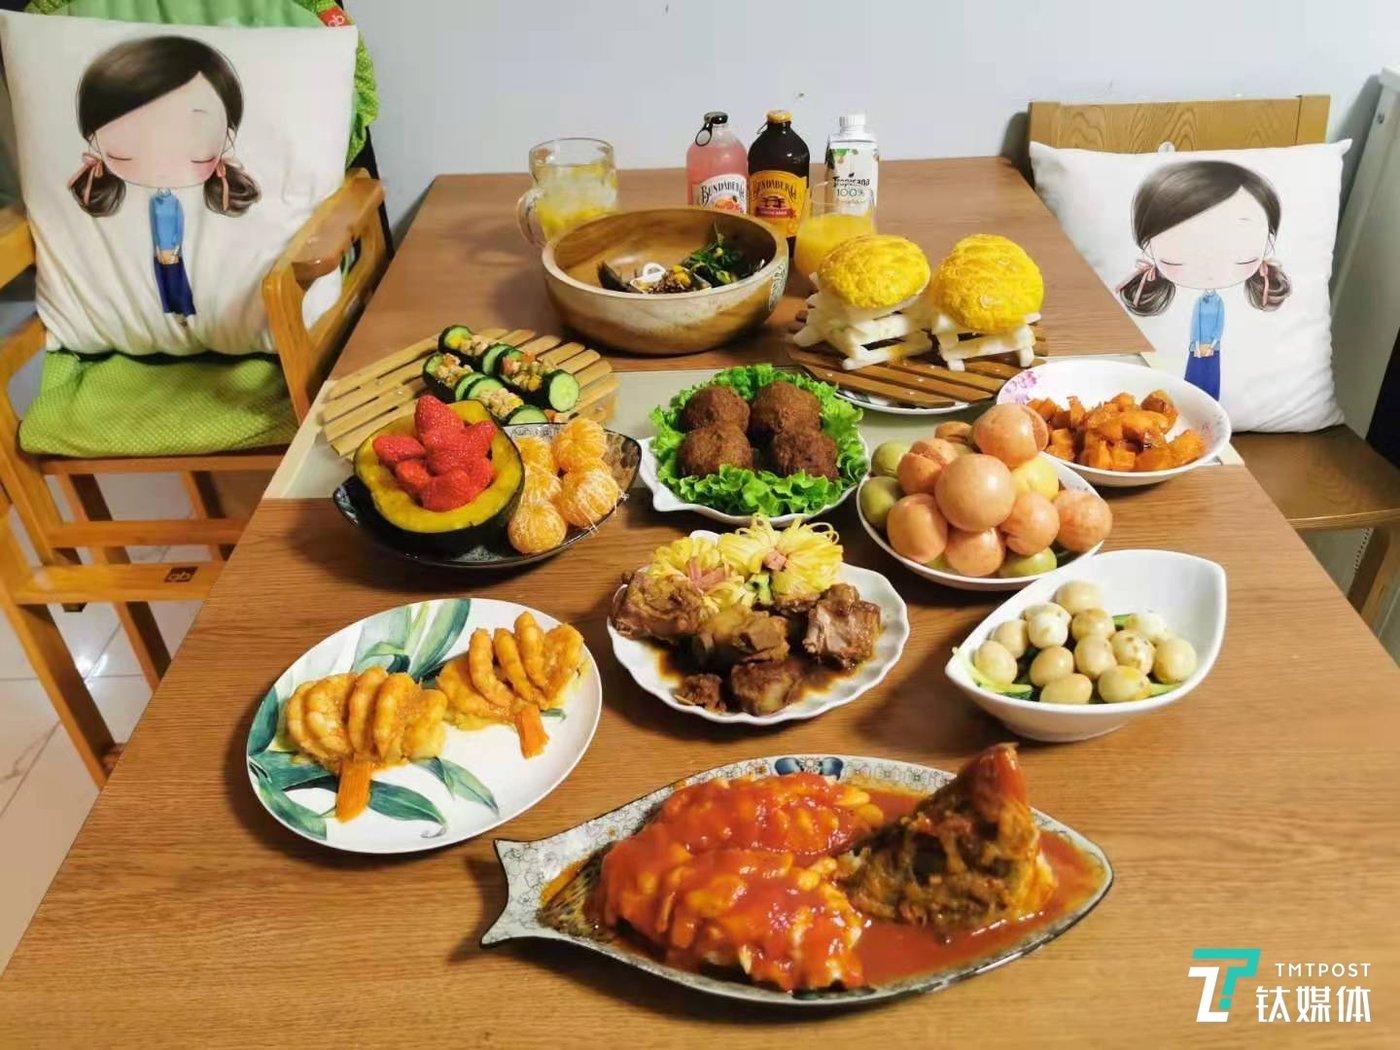 一德家做的年夜饭。(图/采访者供图)